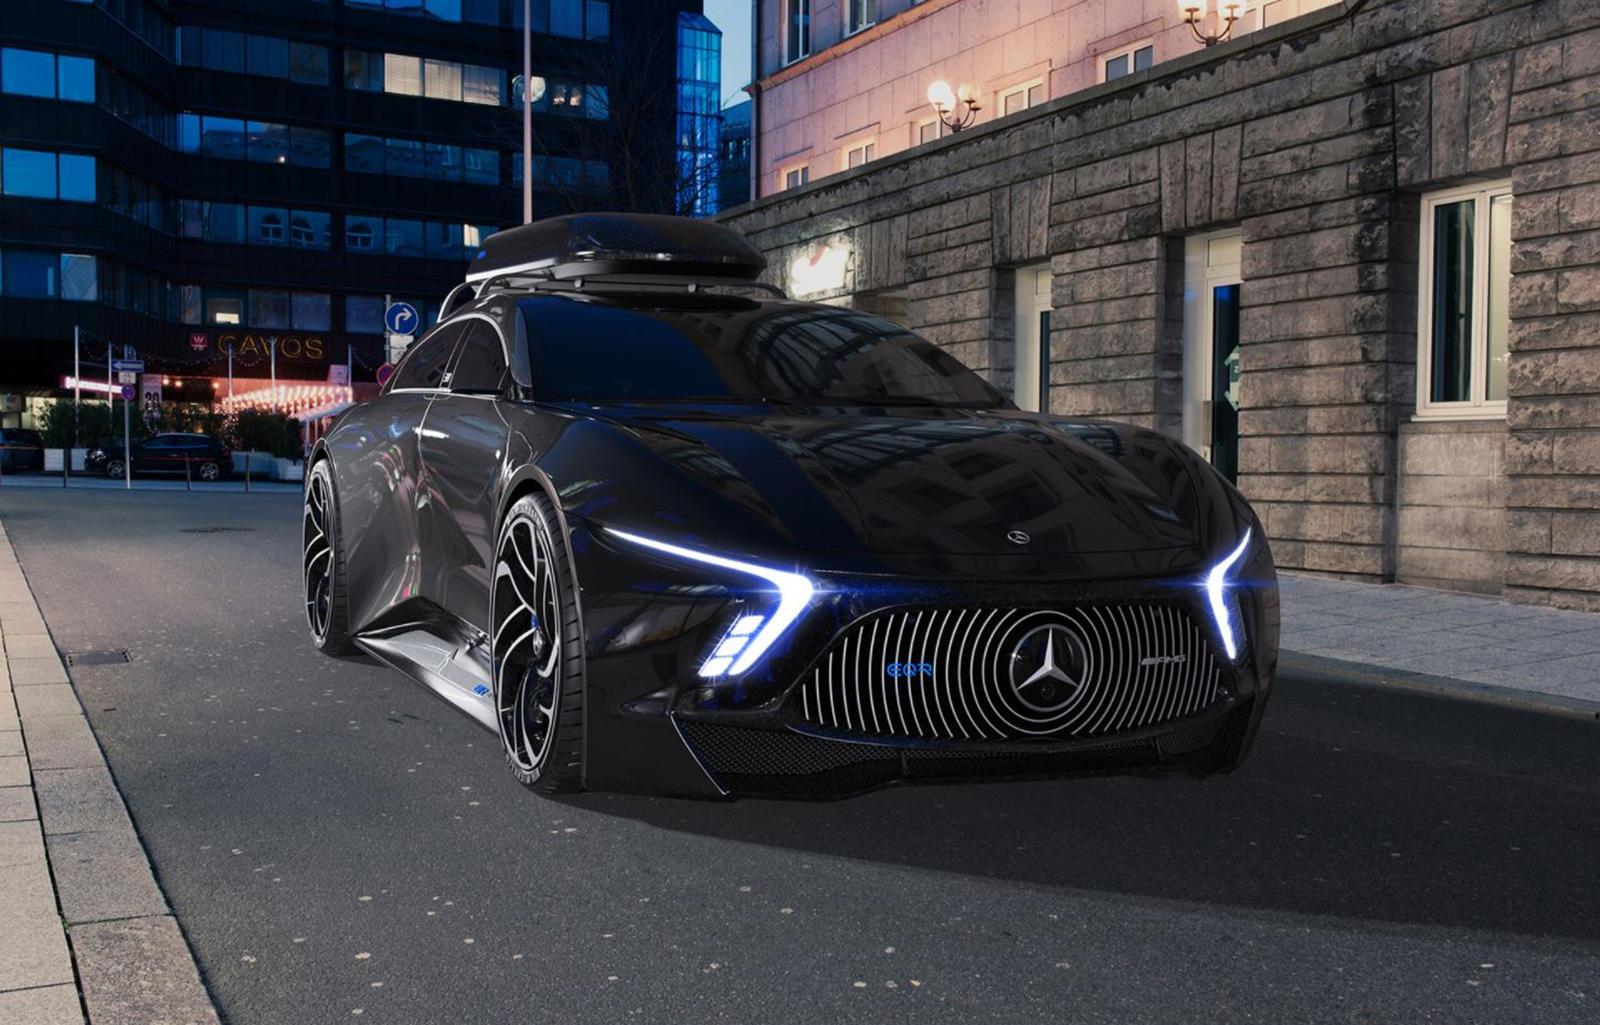 Боковой профиль EQR - самый привлекательный ракурс машины. Машина с низкой посадкой имеет небольшие окна, сильно расширенные колесные арки и накладки на пороги, которые будут повреждены на первом же лежачем полицейском. Колеса имеют крутой направленн